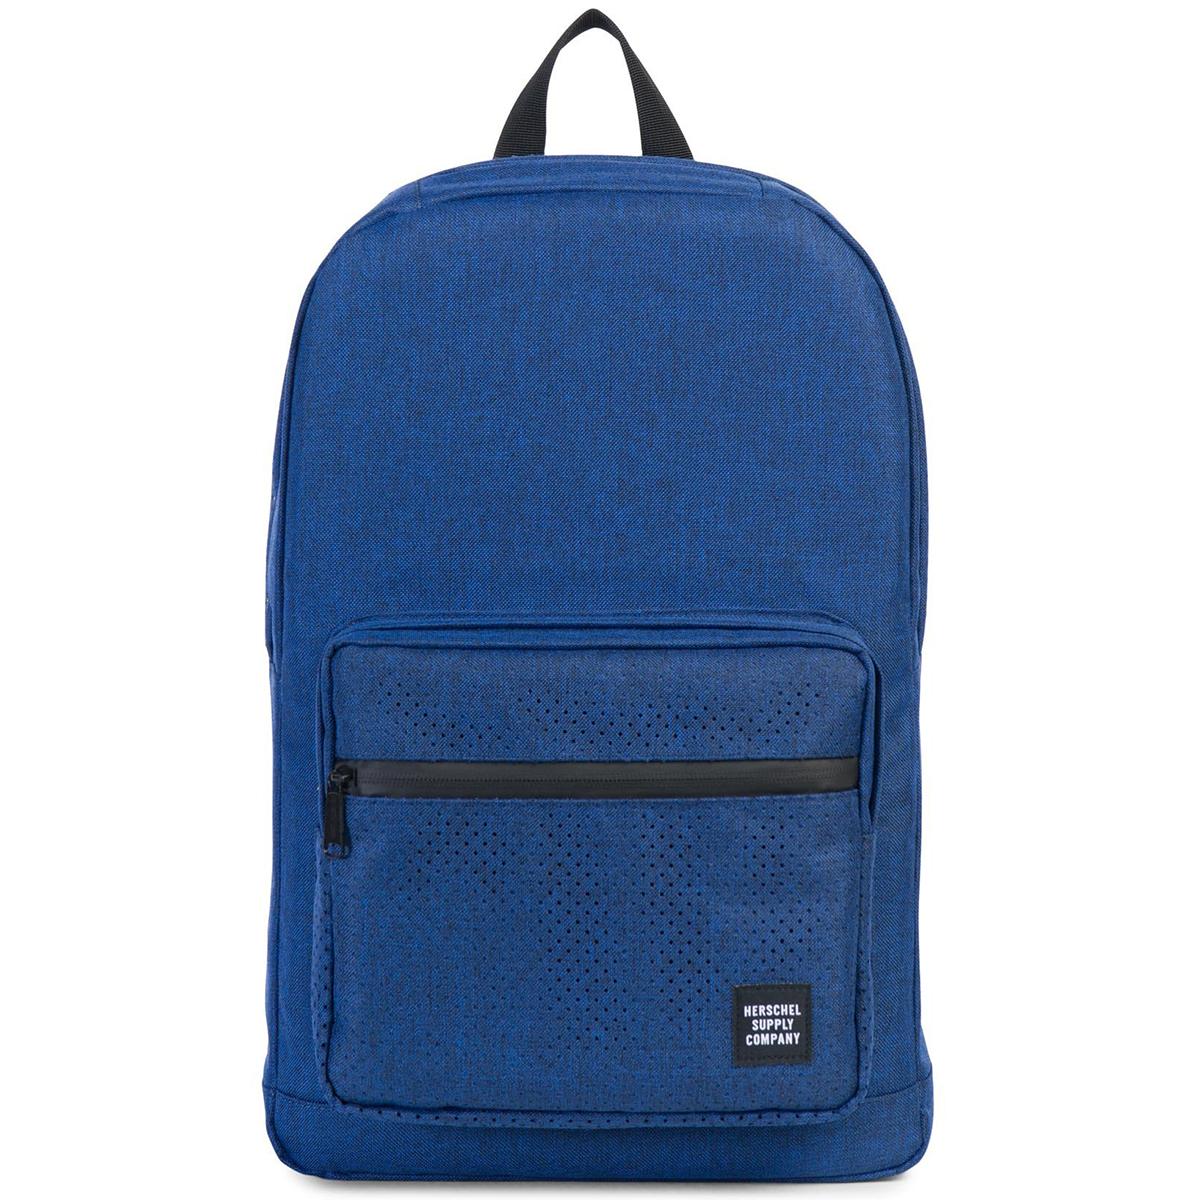 Рюкзак городской Herschel Pop Quiz (A/S), цвет: синий. 828432122929828432122929Рюкзак Herschel Pop Quiz выполнен из высококачественного материала. Этот рюкзак создан для любых целей и поездок и отлично впишется в абсолютно любой стиль. Основное отделение закрывается на застежку-молнию. Внешняя сторона дополнена накладным карманом на застежке-молнии. Лямки регулируются, что позволяет менять положение рюкзака на спине.